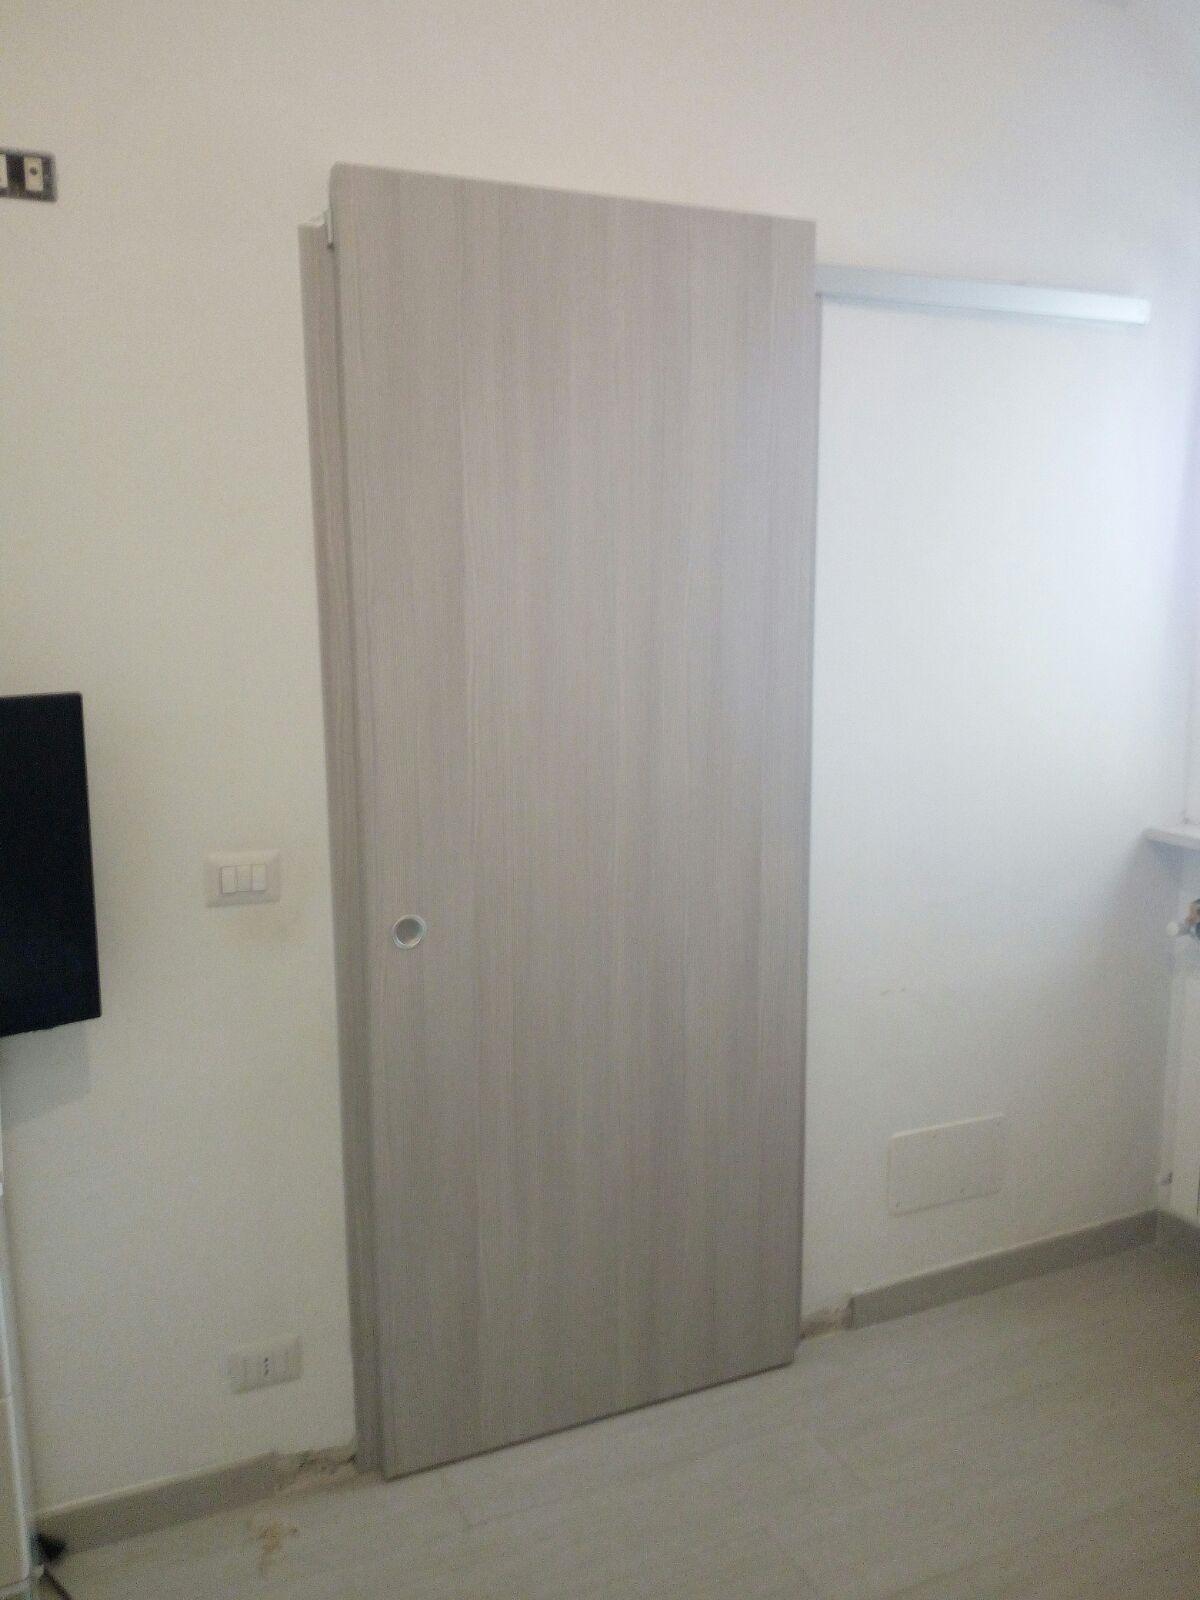 Porta scorrevole filo muro mu misura e personalizzabile - Porta scorrevole filo muro ...